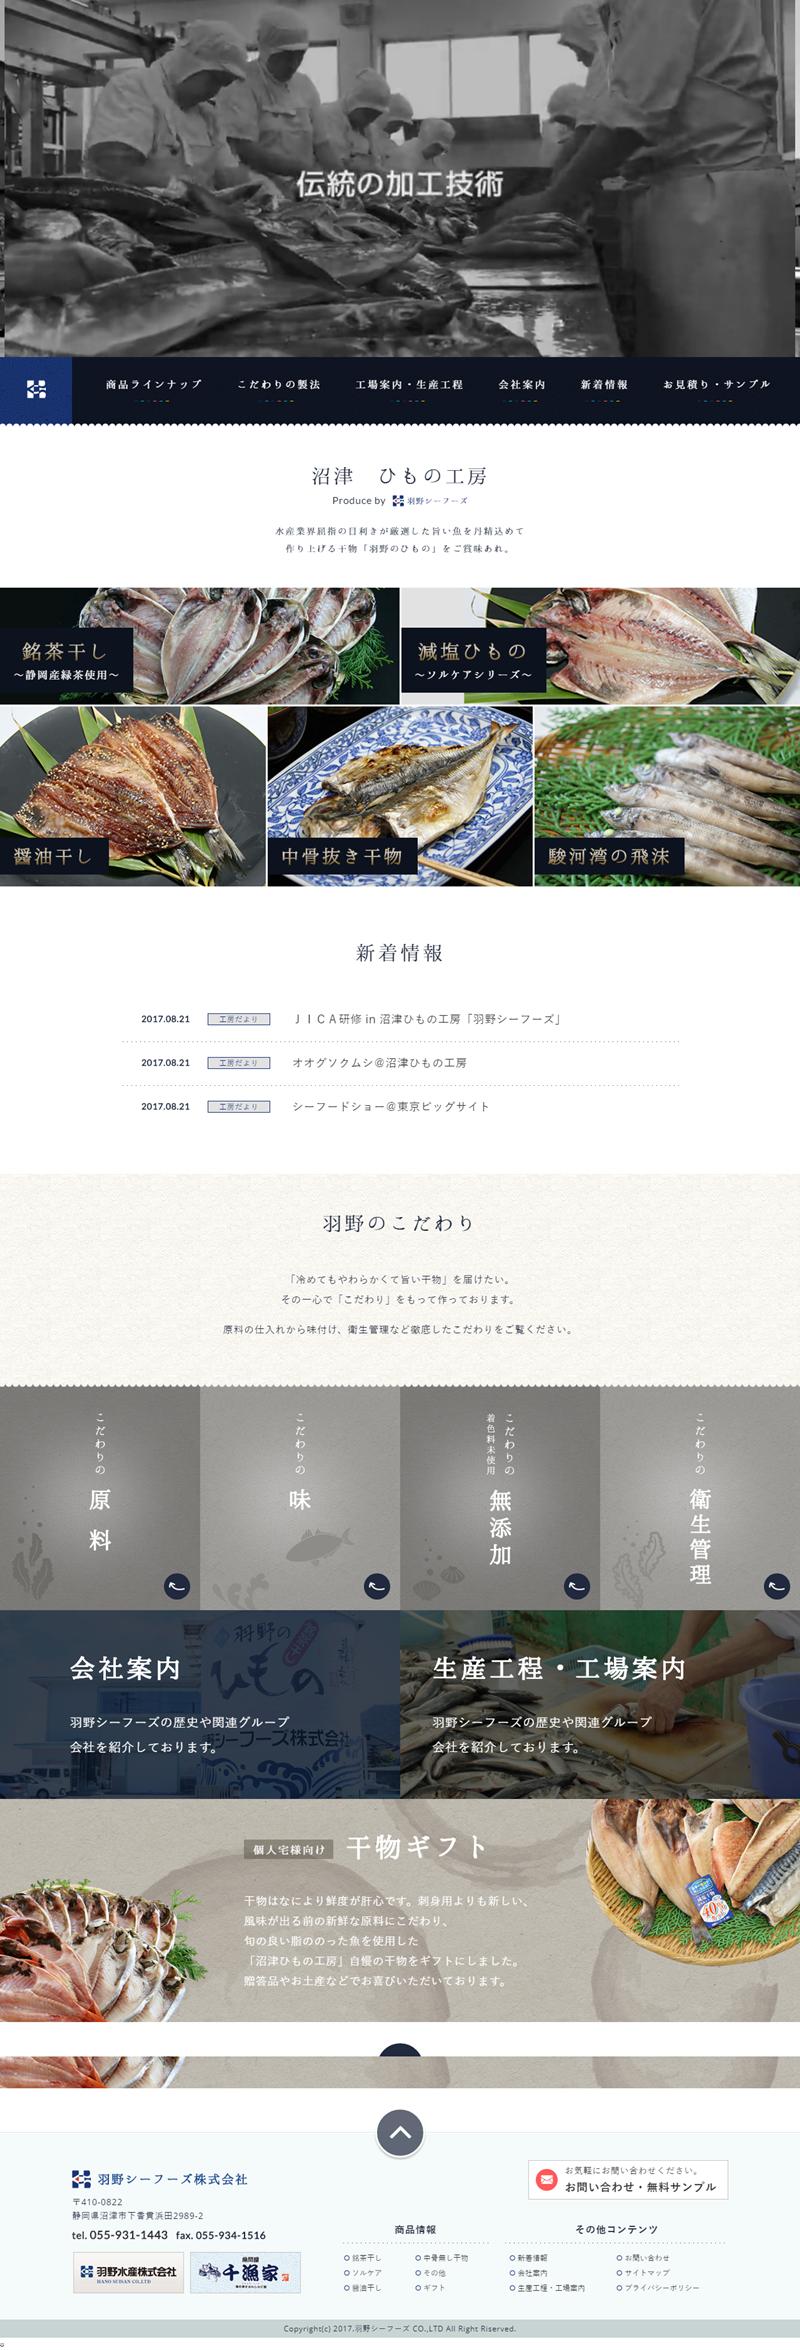 screencapture-numazu-himonokoubou-1504226119015